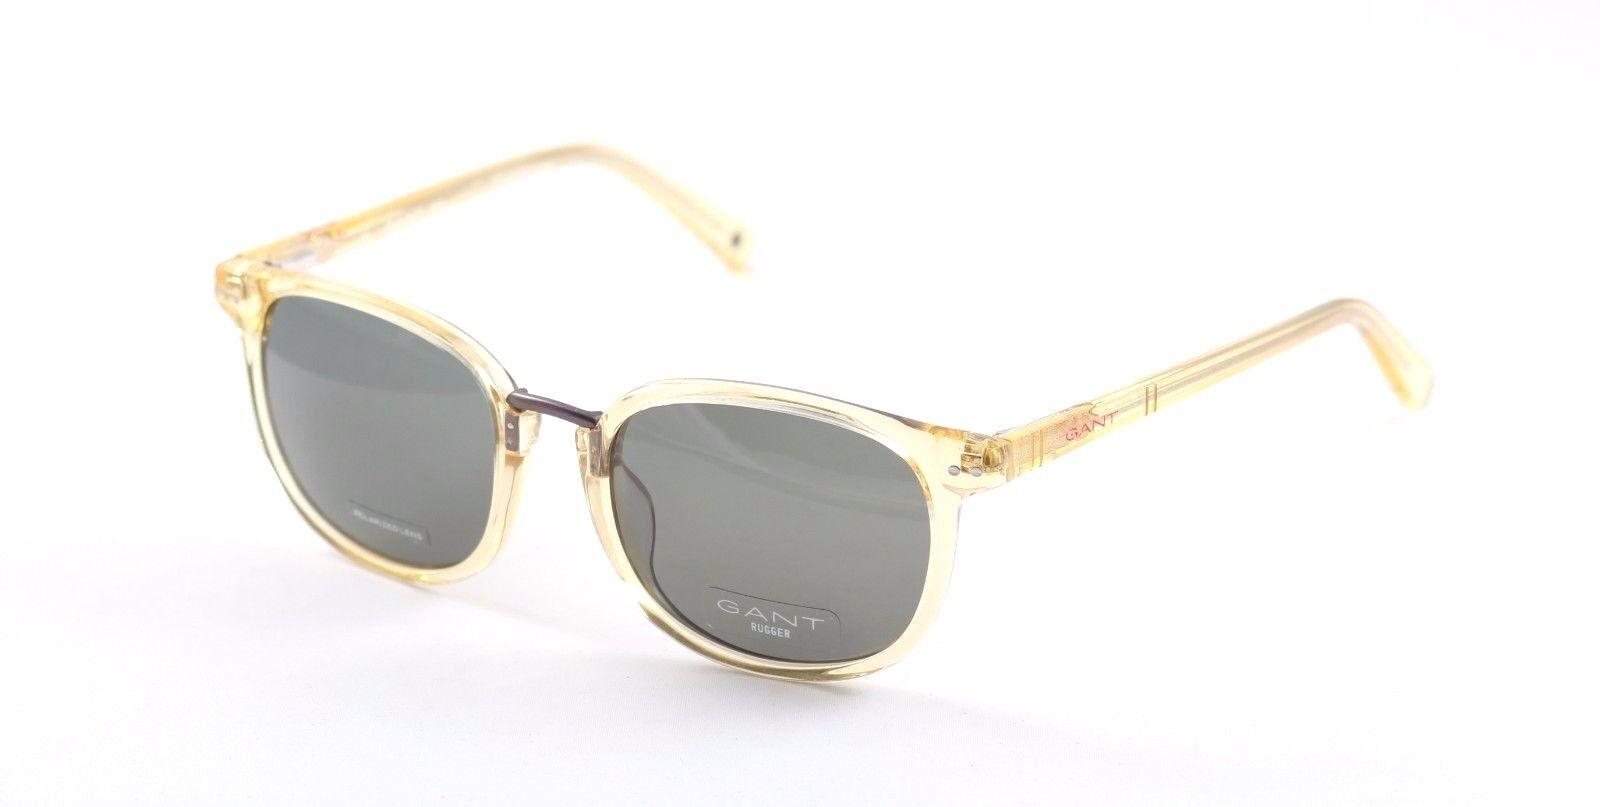 Neu Gant Vintage Retro Look Sonnenbrille Sonnenbrille Sonnenbrille Floyd 52-20-140 Bernstein    Niedrige Kosten  c6cb9d